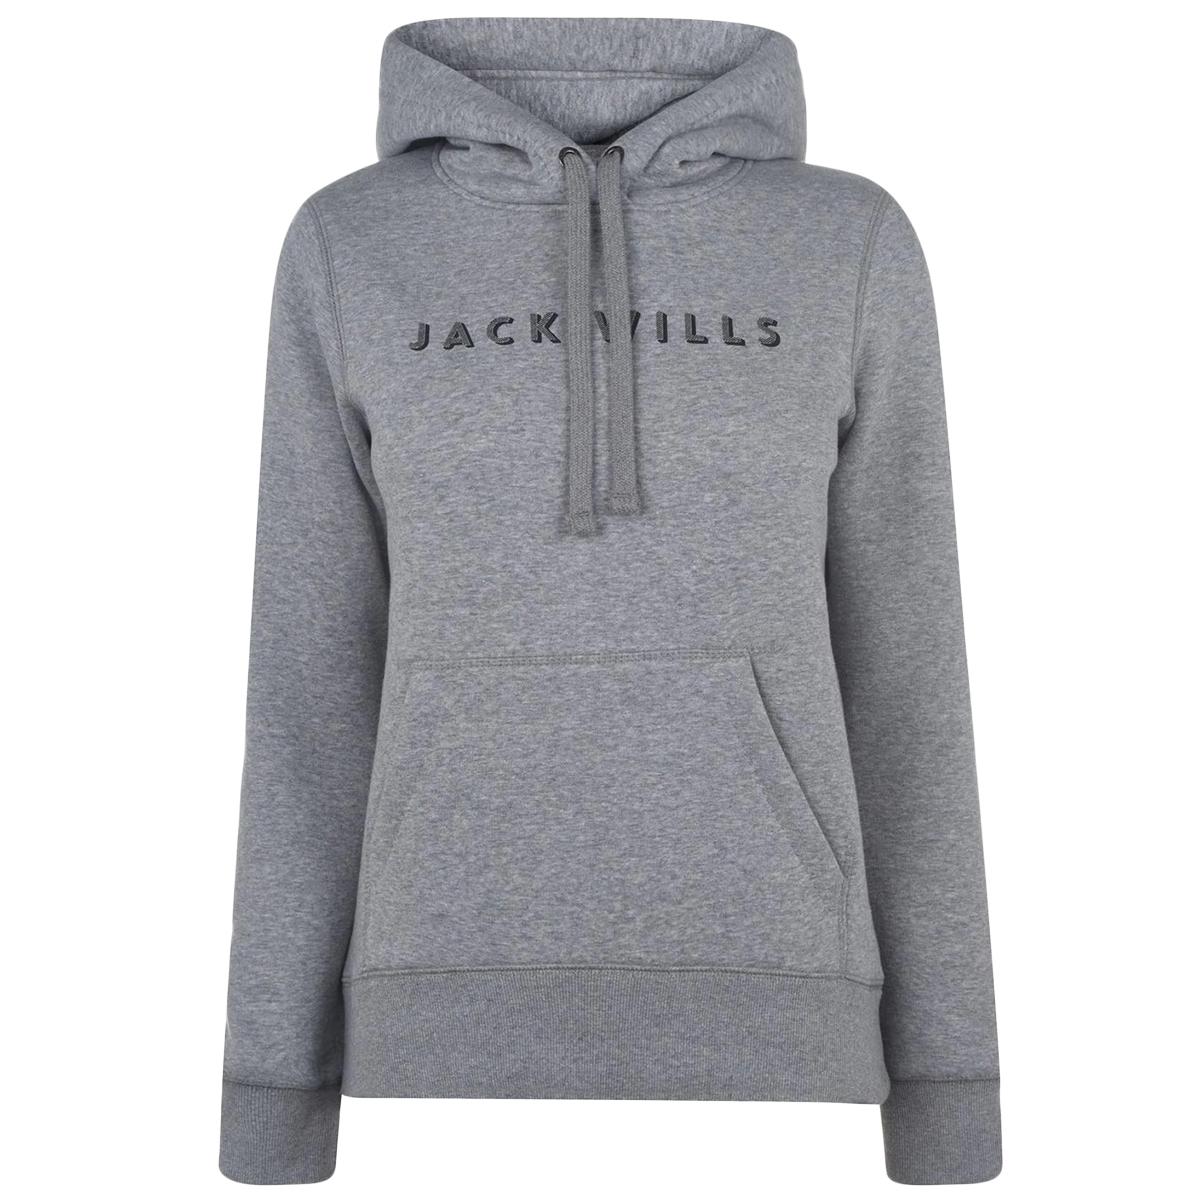 Jack Wills Women's Hunston Hoodie - Black, 10